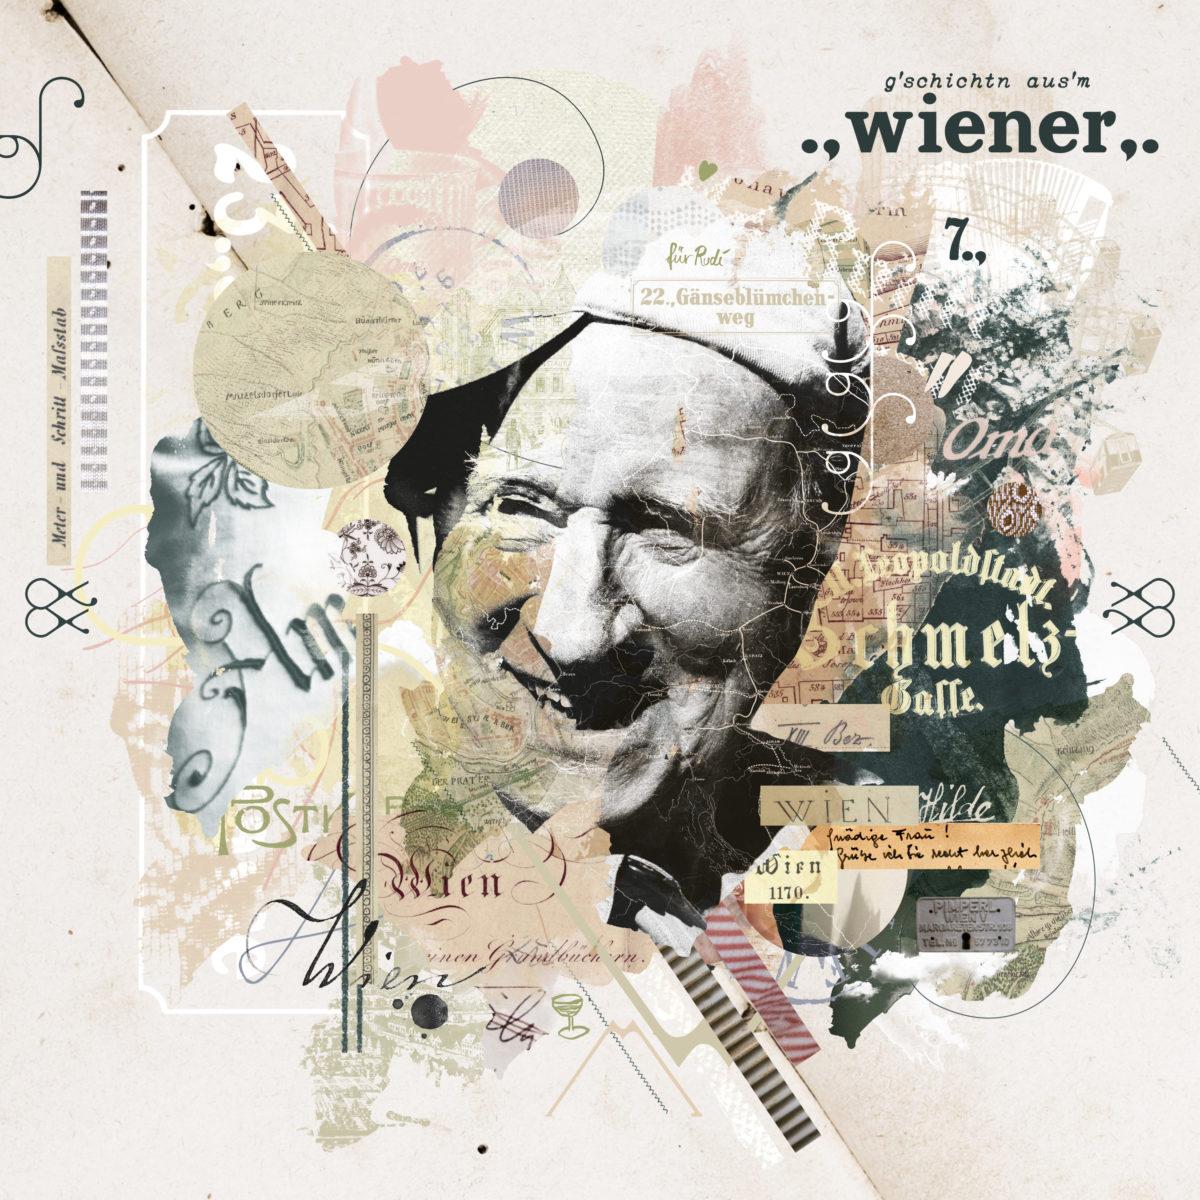 gschichtn_ausm_wiener_artwork_2020-08-12_clean_3k